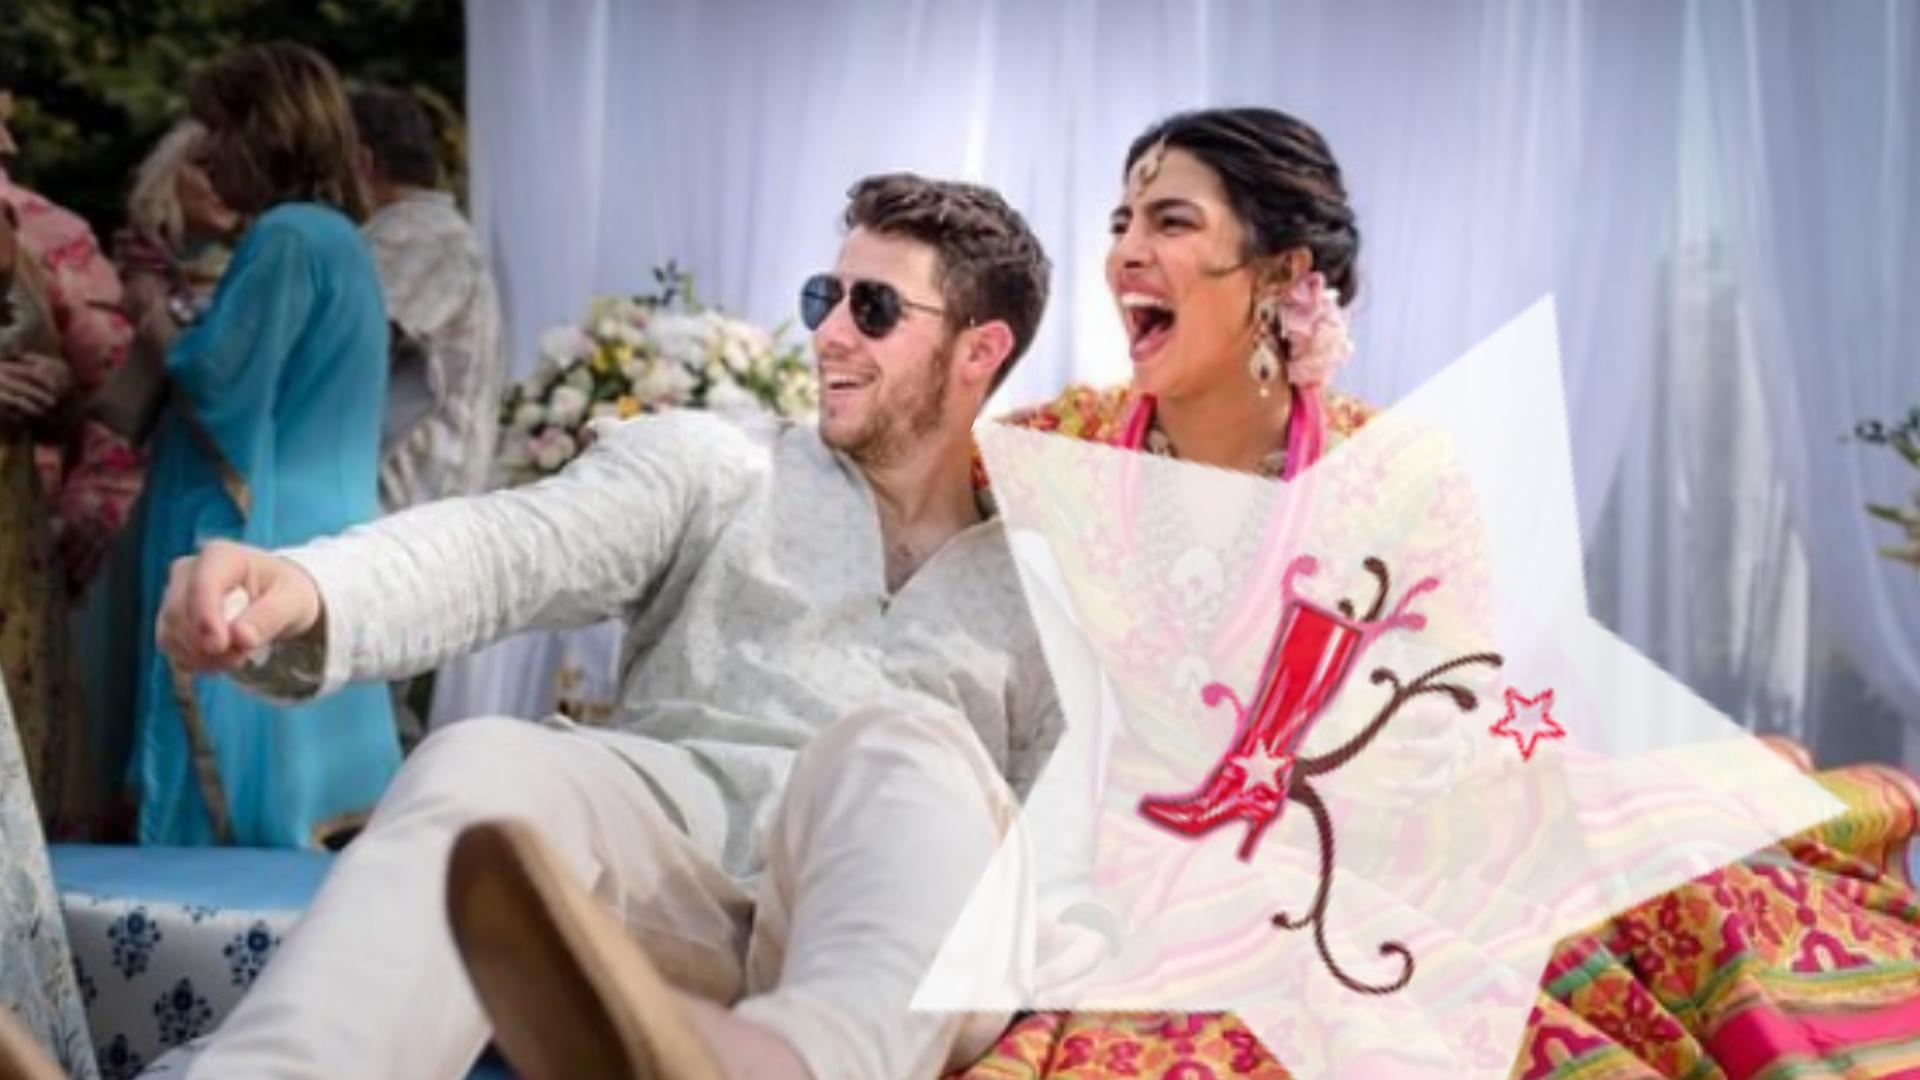 Nick i Priyanka WZIĘLI ŚLUB! Tradycyjna SUKNIA zgodna z tradycją była PIĘKNA